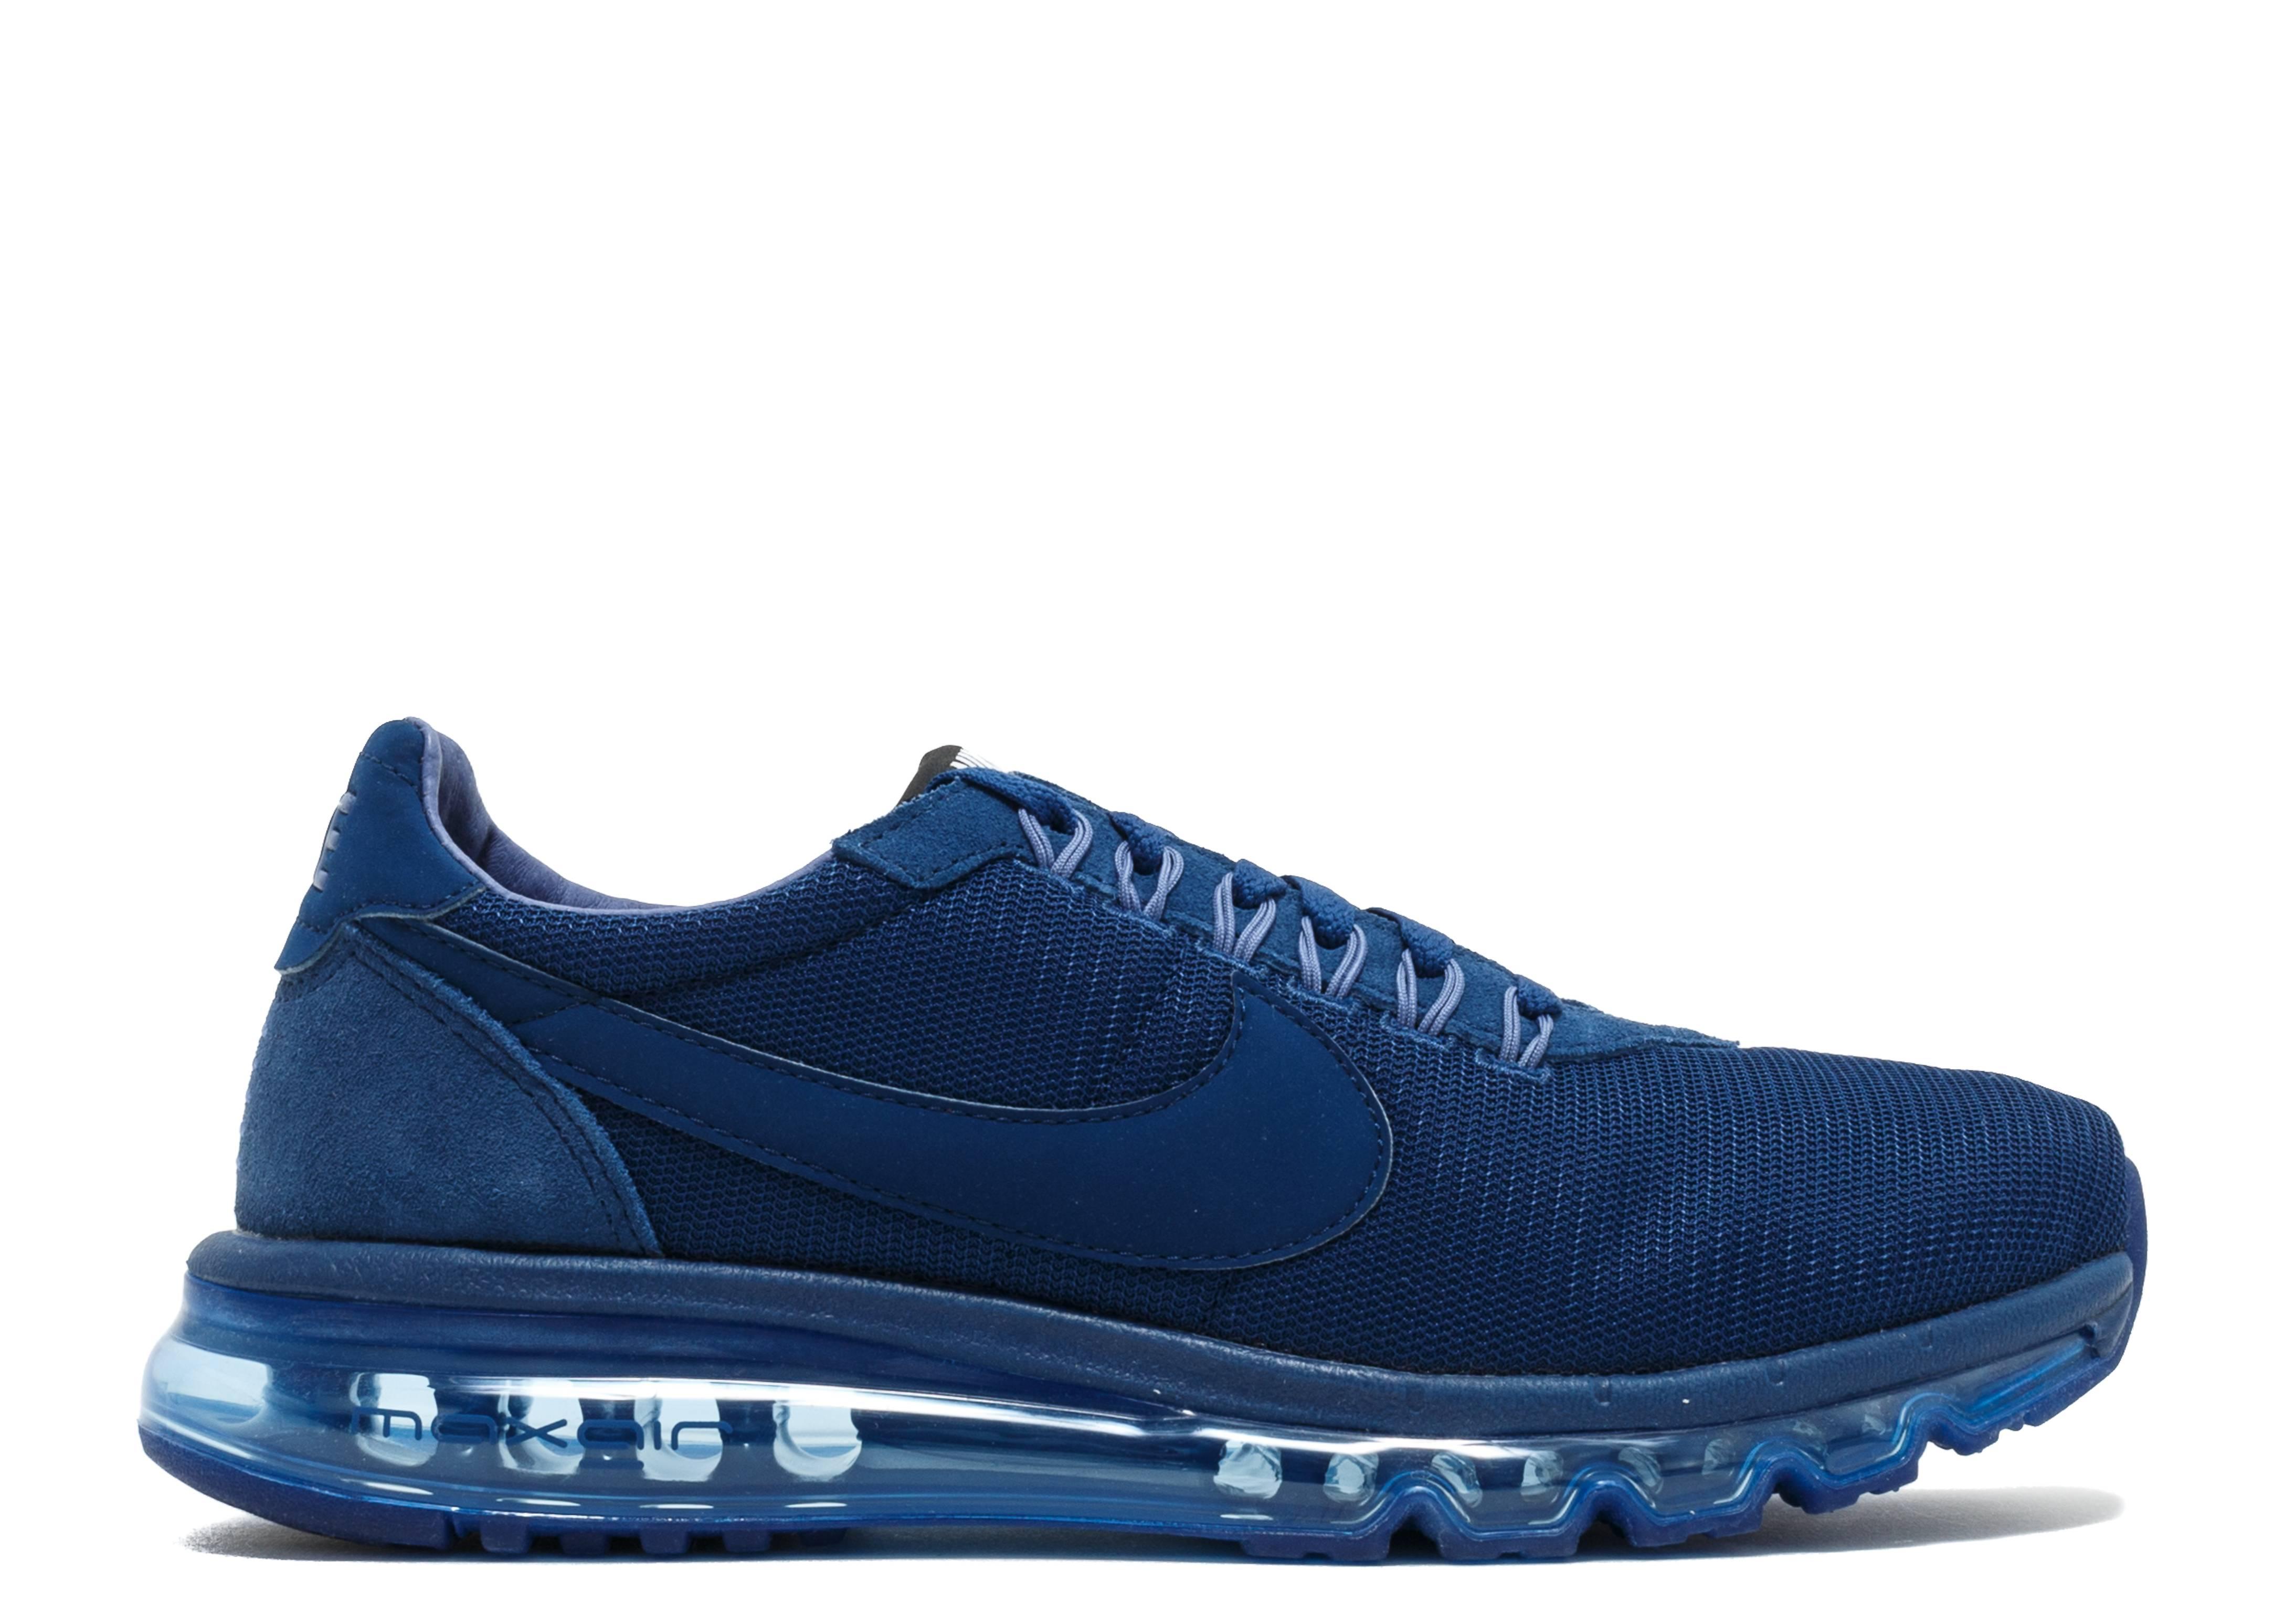 Details about Nike Air Max LD Zero Hiroshi Fujiwara Navy Blue Air Max Day Size 5